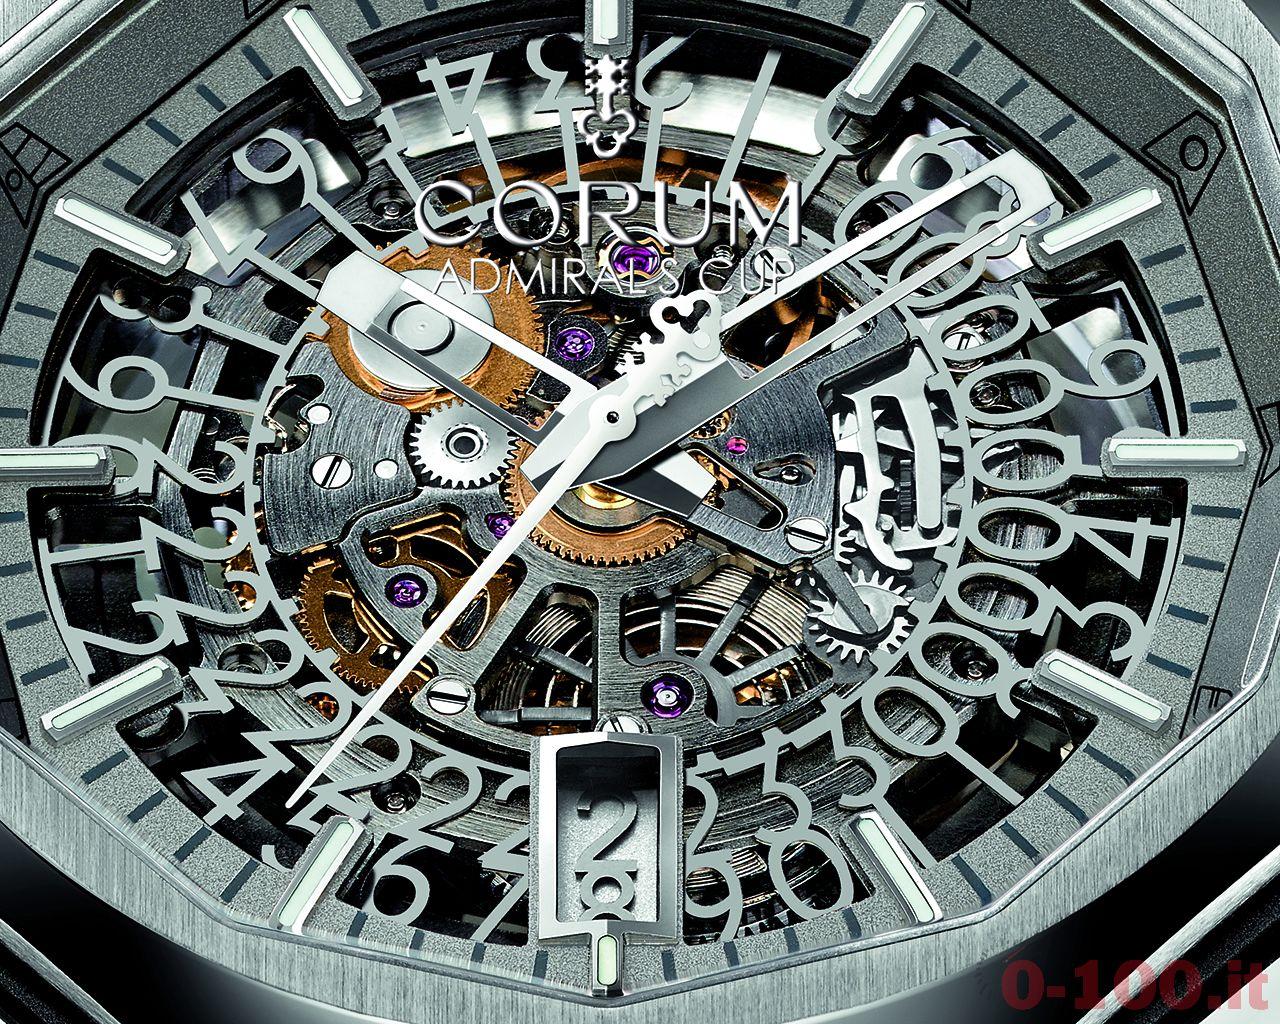 corum-admirals-cup-ac-one-45-squelette-ref-082-401-040f01-fh10-prezzo-price-0-100_2